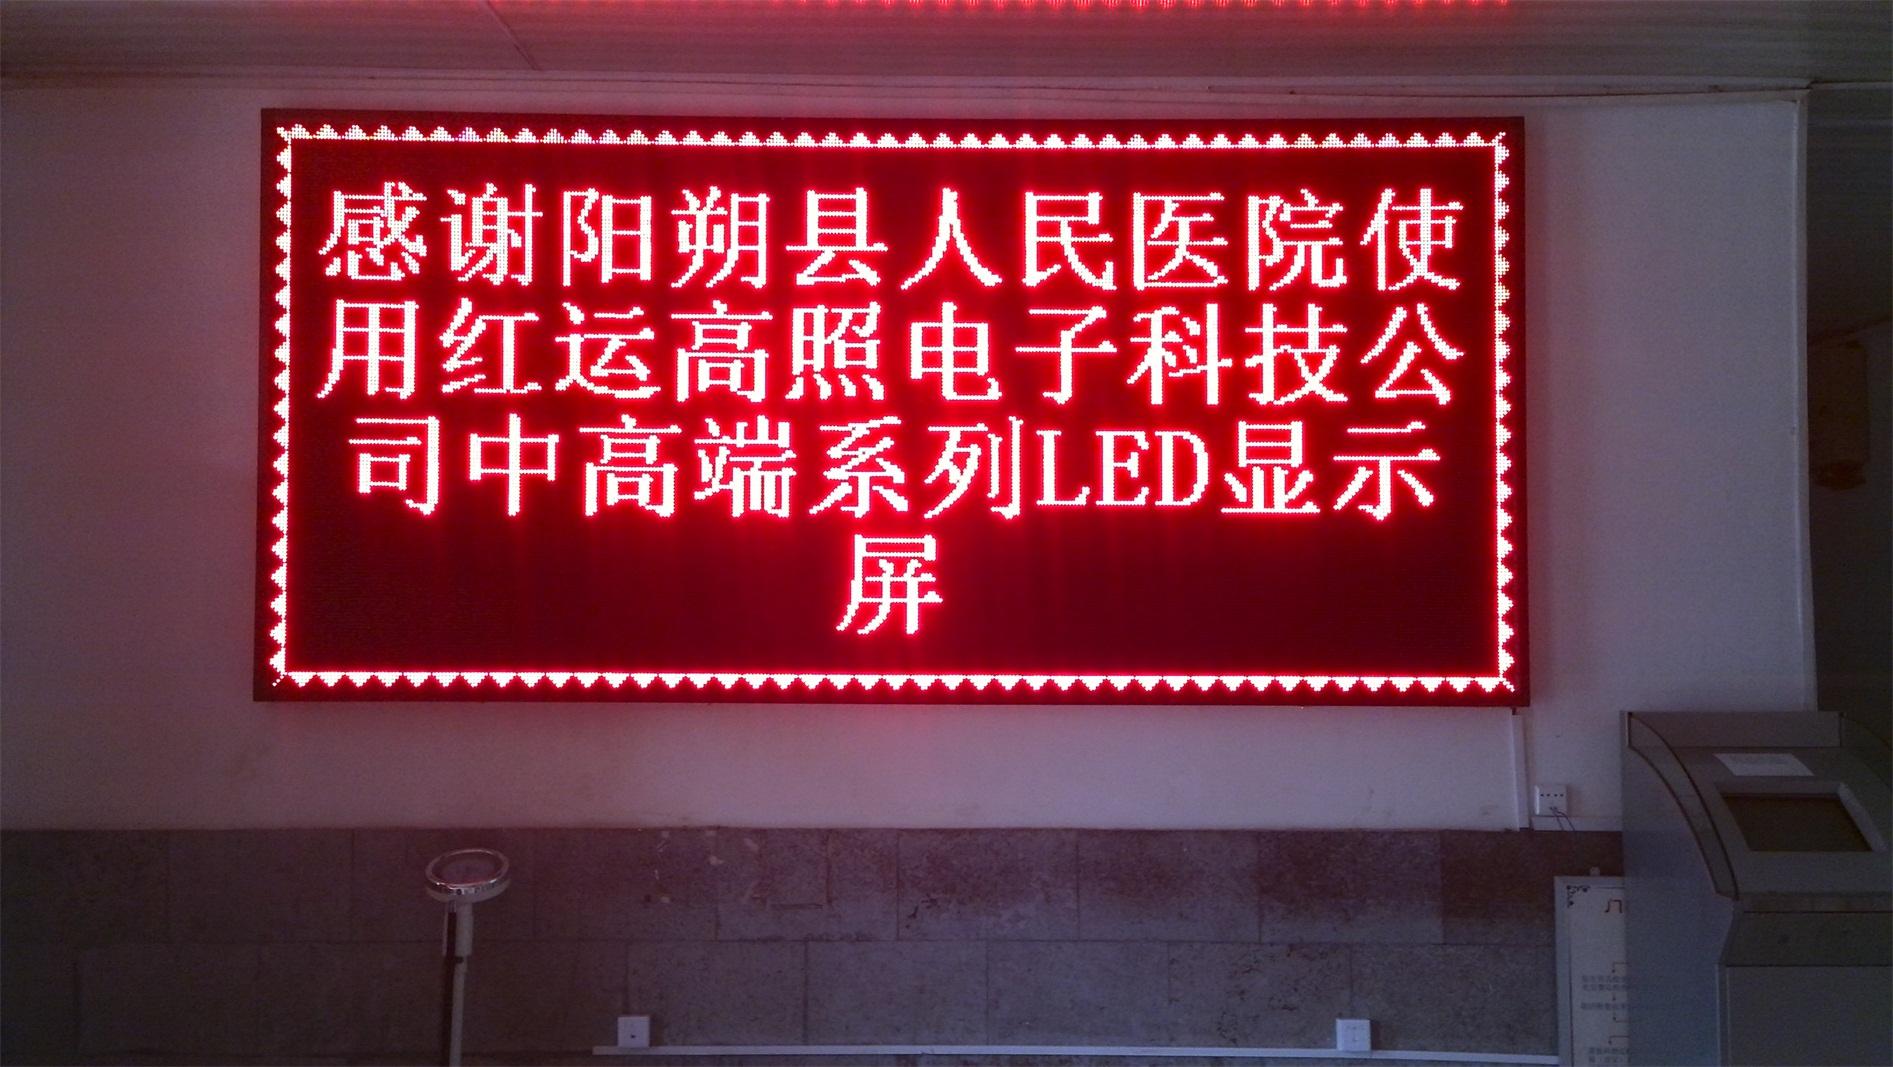 l图文LED显示屏